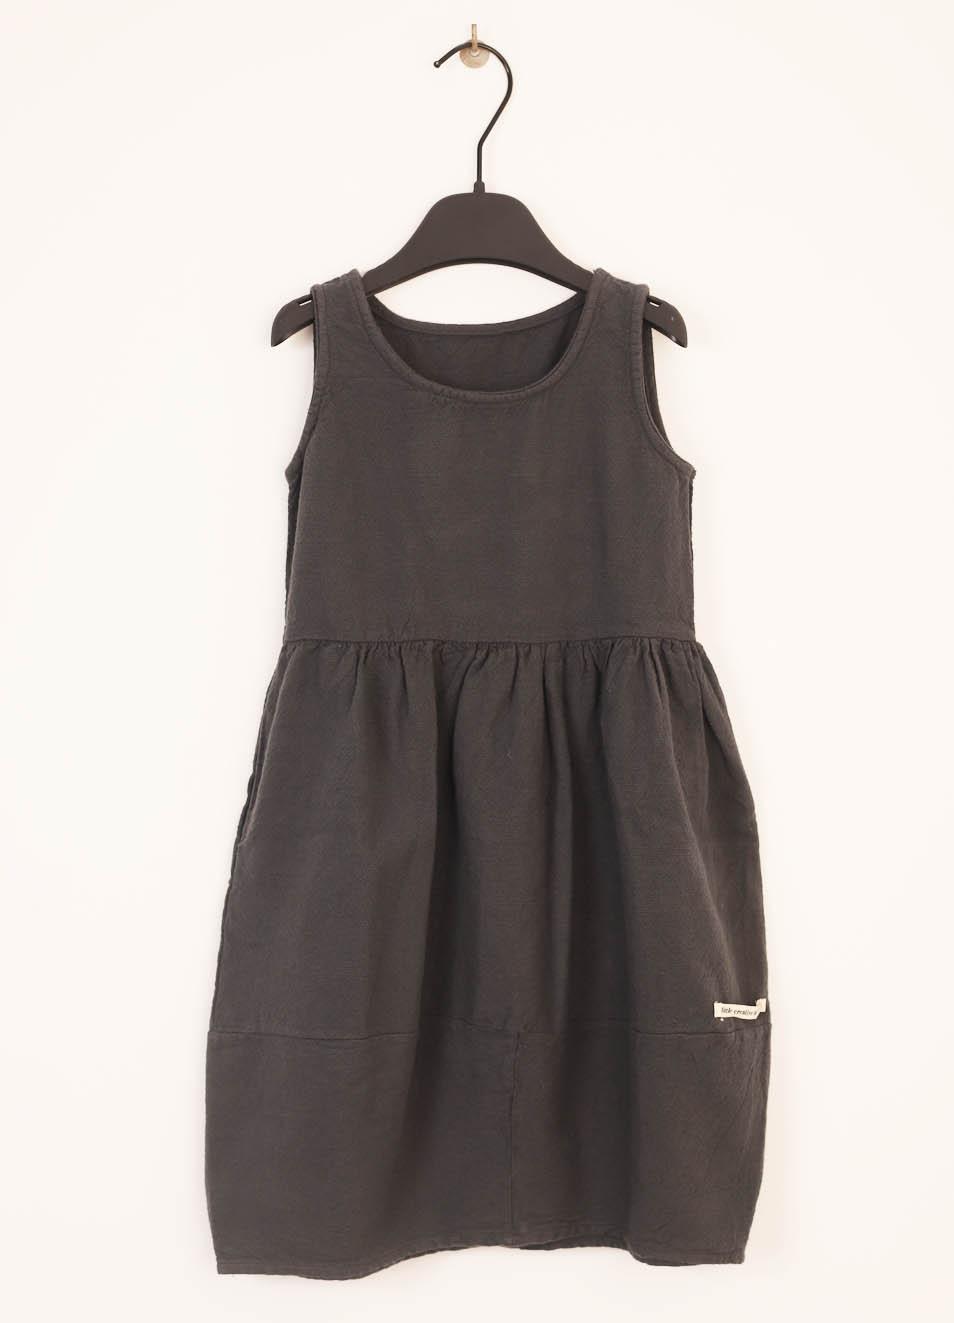 392555a81d65 Vestito grigio lungo da bambina - Little creative factory - Manecapri